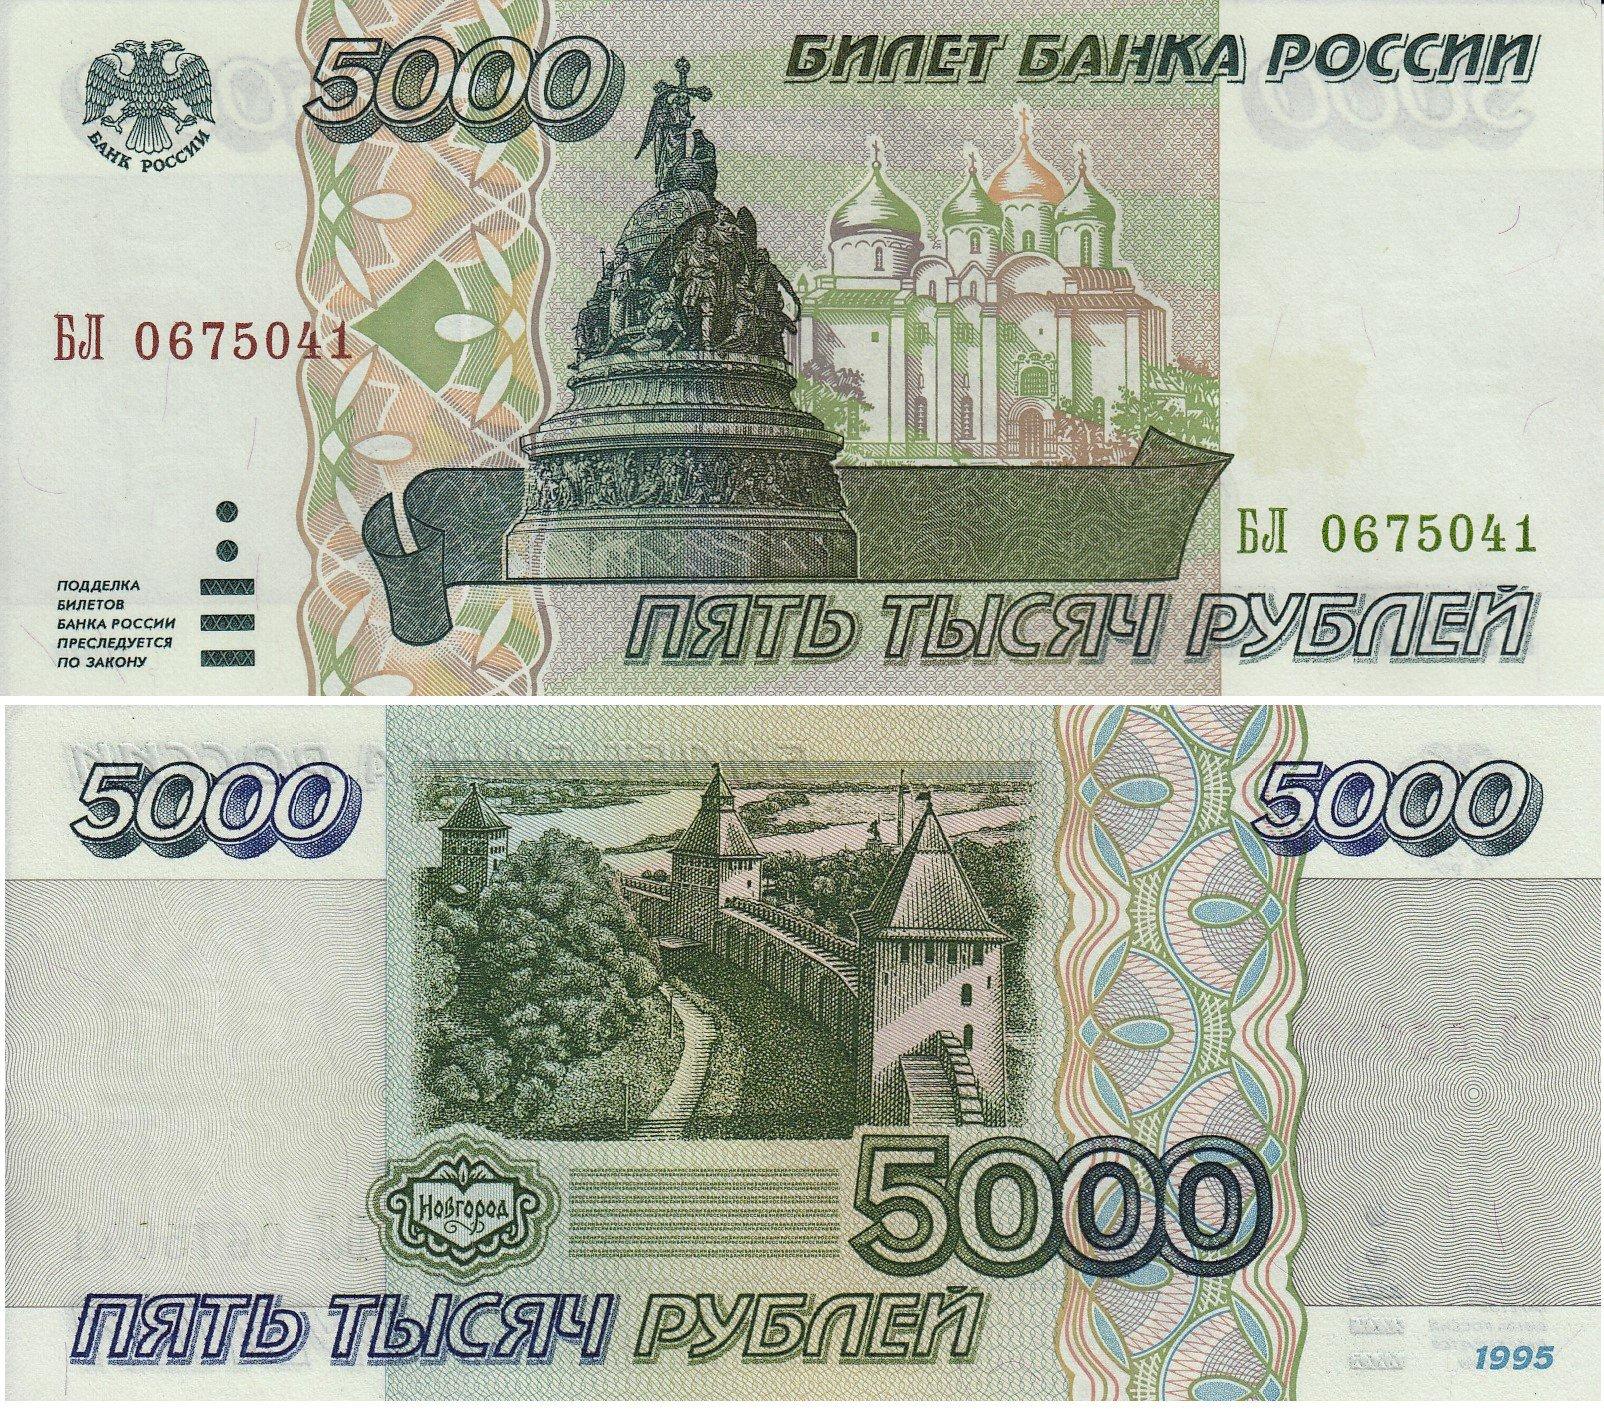 Купить 5000 рублей 1995 года мдна